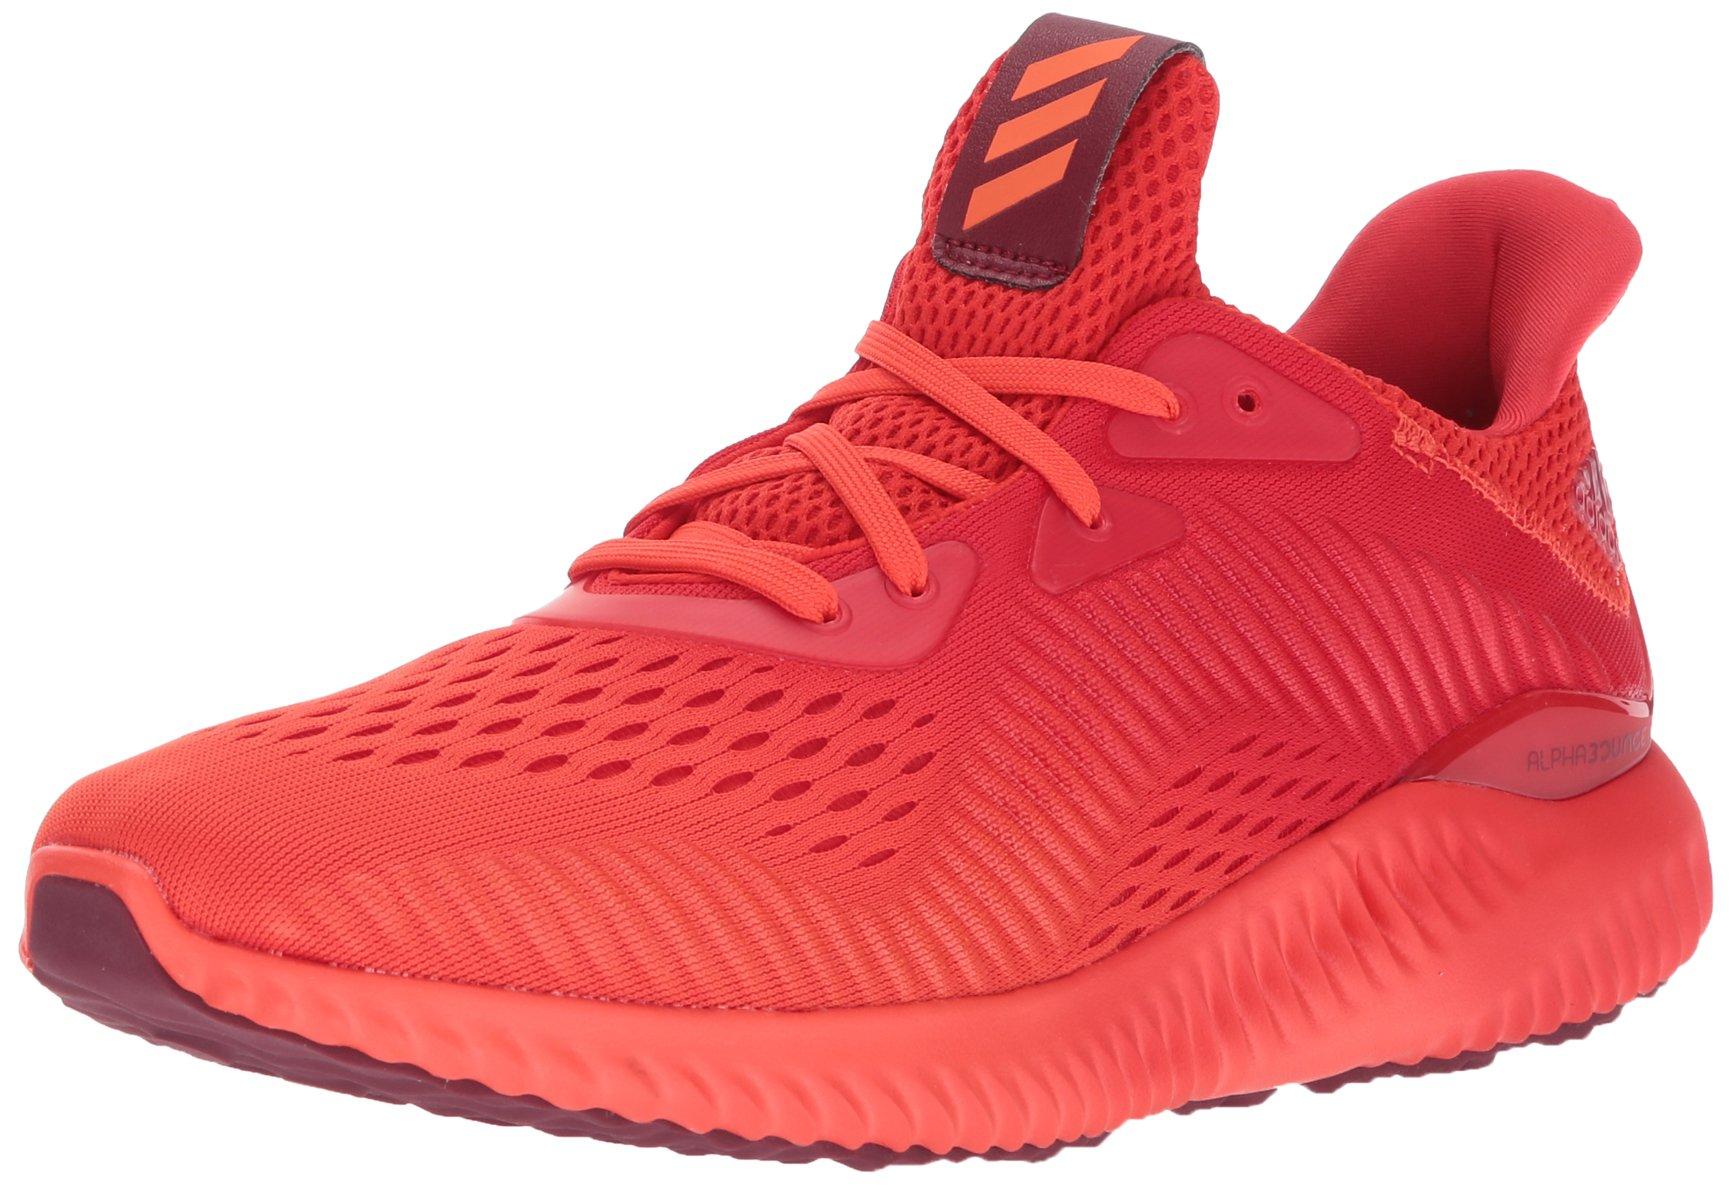 924e4d14b7b Galleon - Adidas Men s Alphabounce Em M Running Shoe